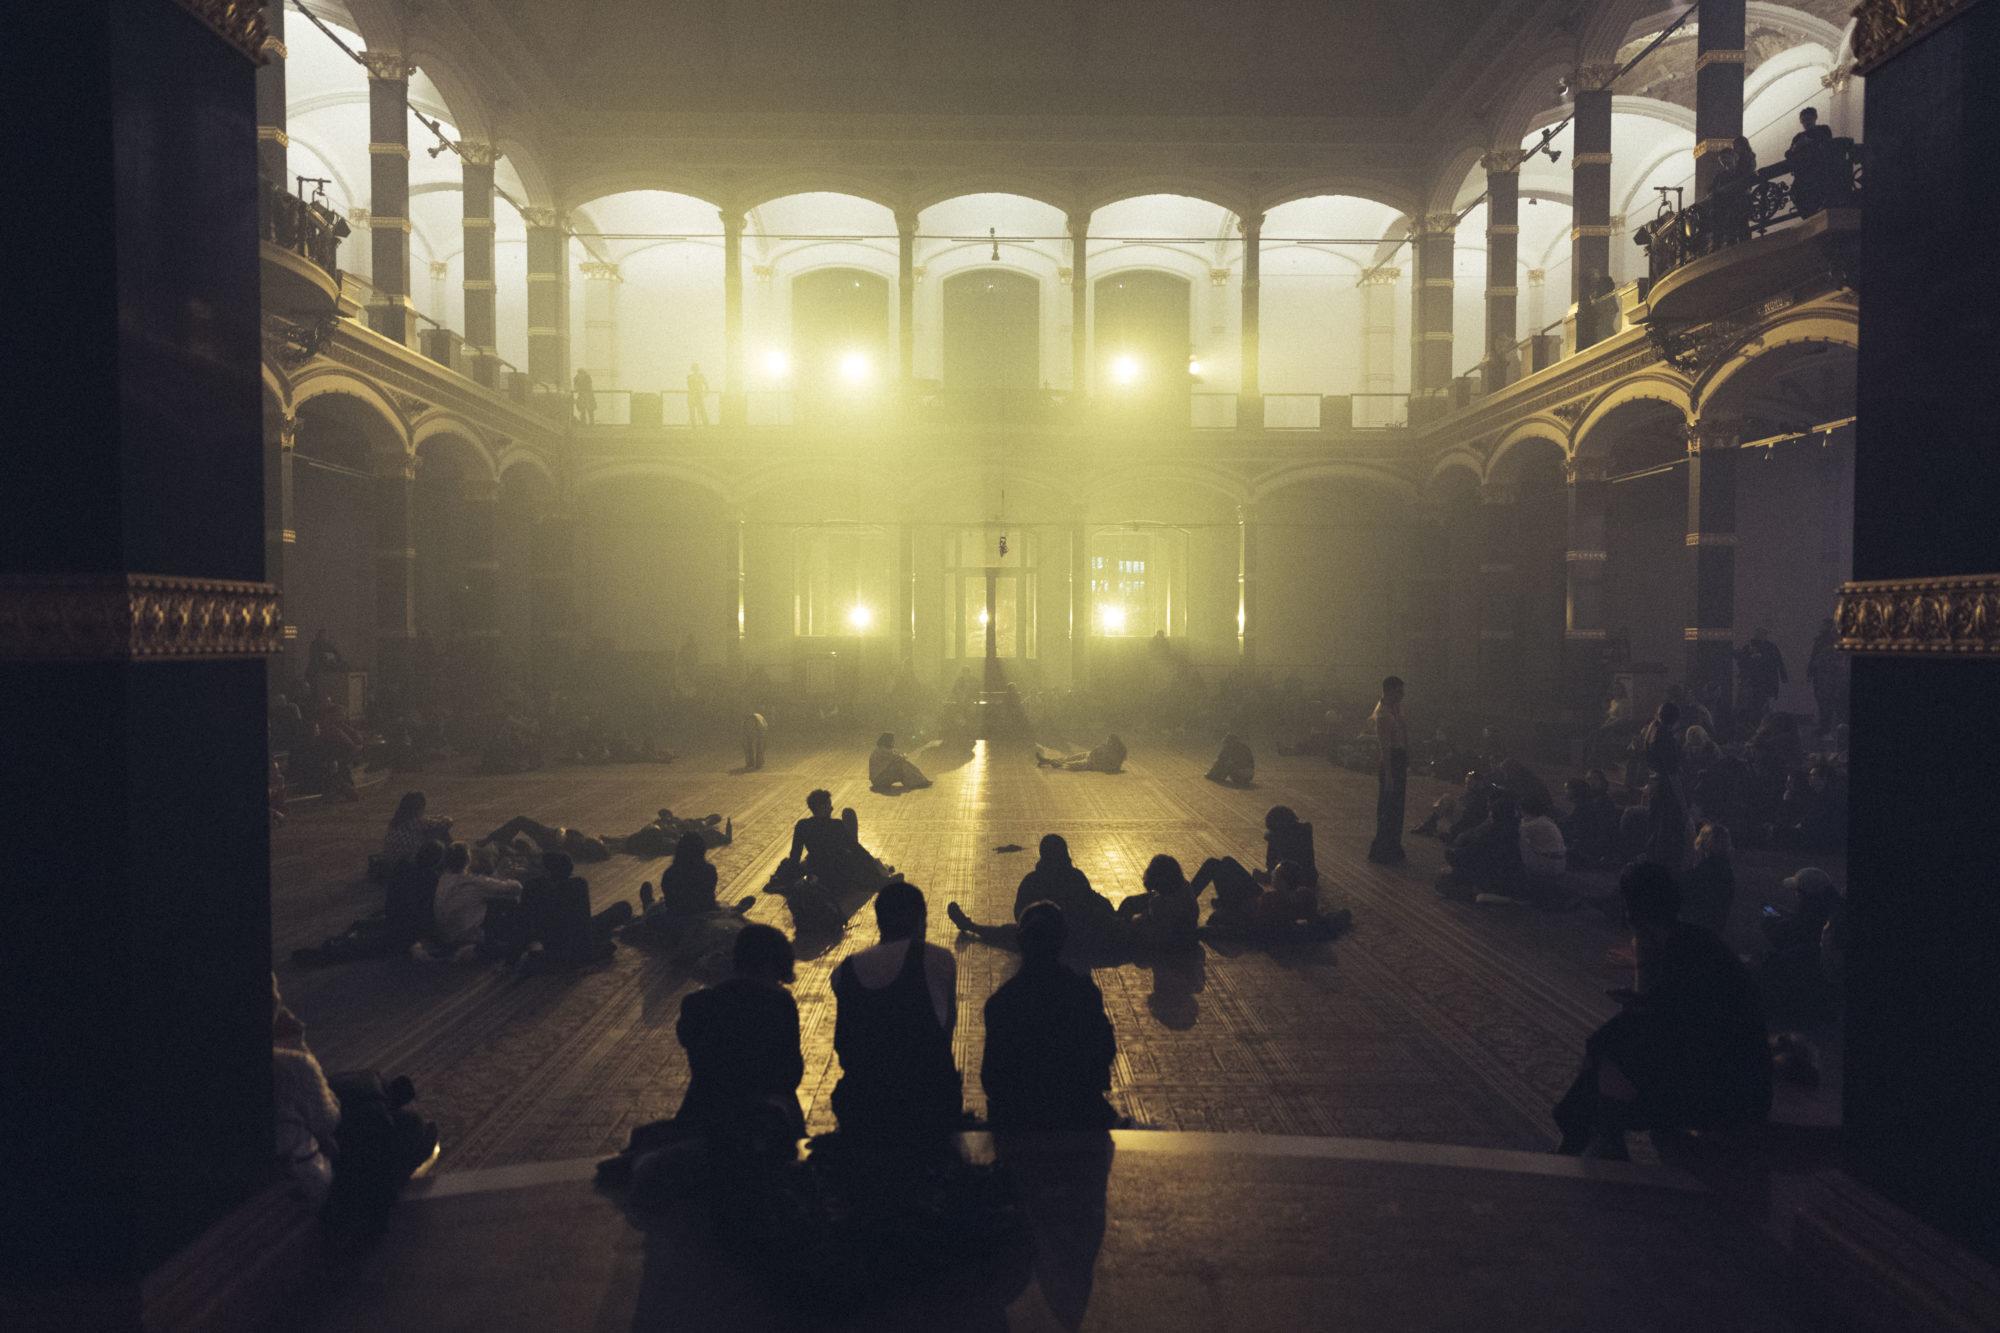 Dead Time Blue, performance view, Martin Gropius Bau, 2020